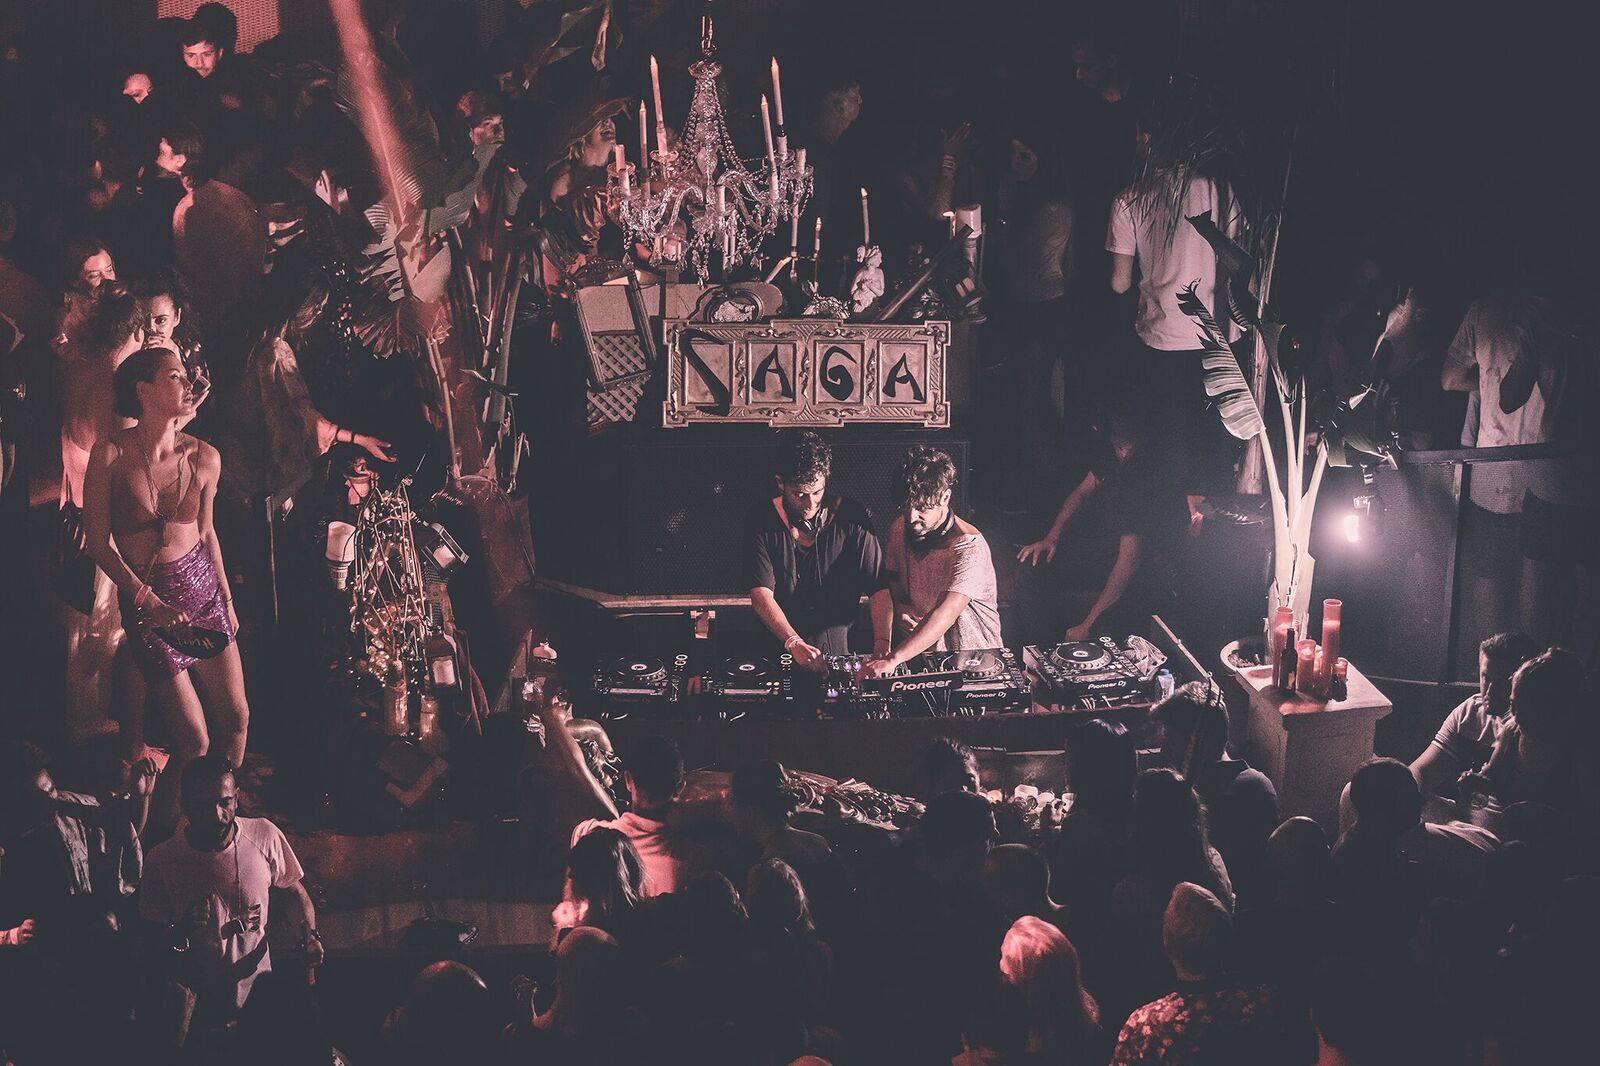 Saga at HEART Ibiza (20.08.2017)